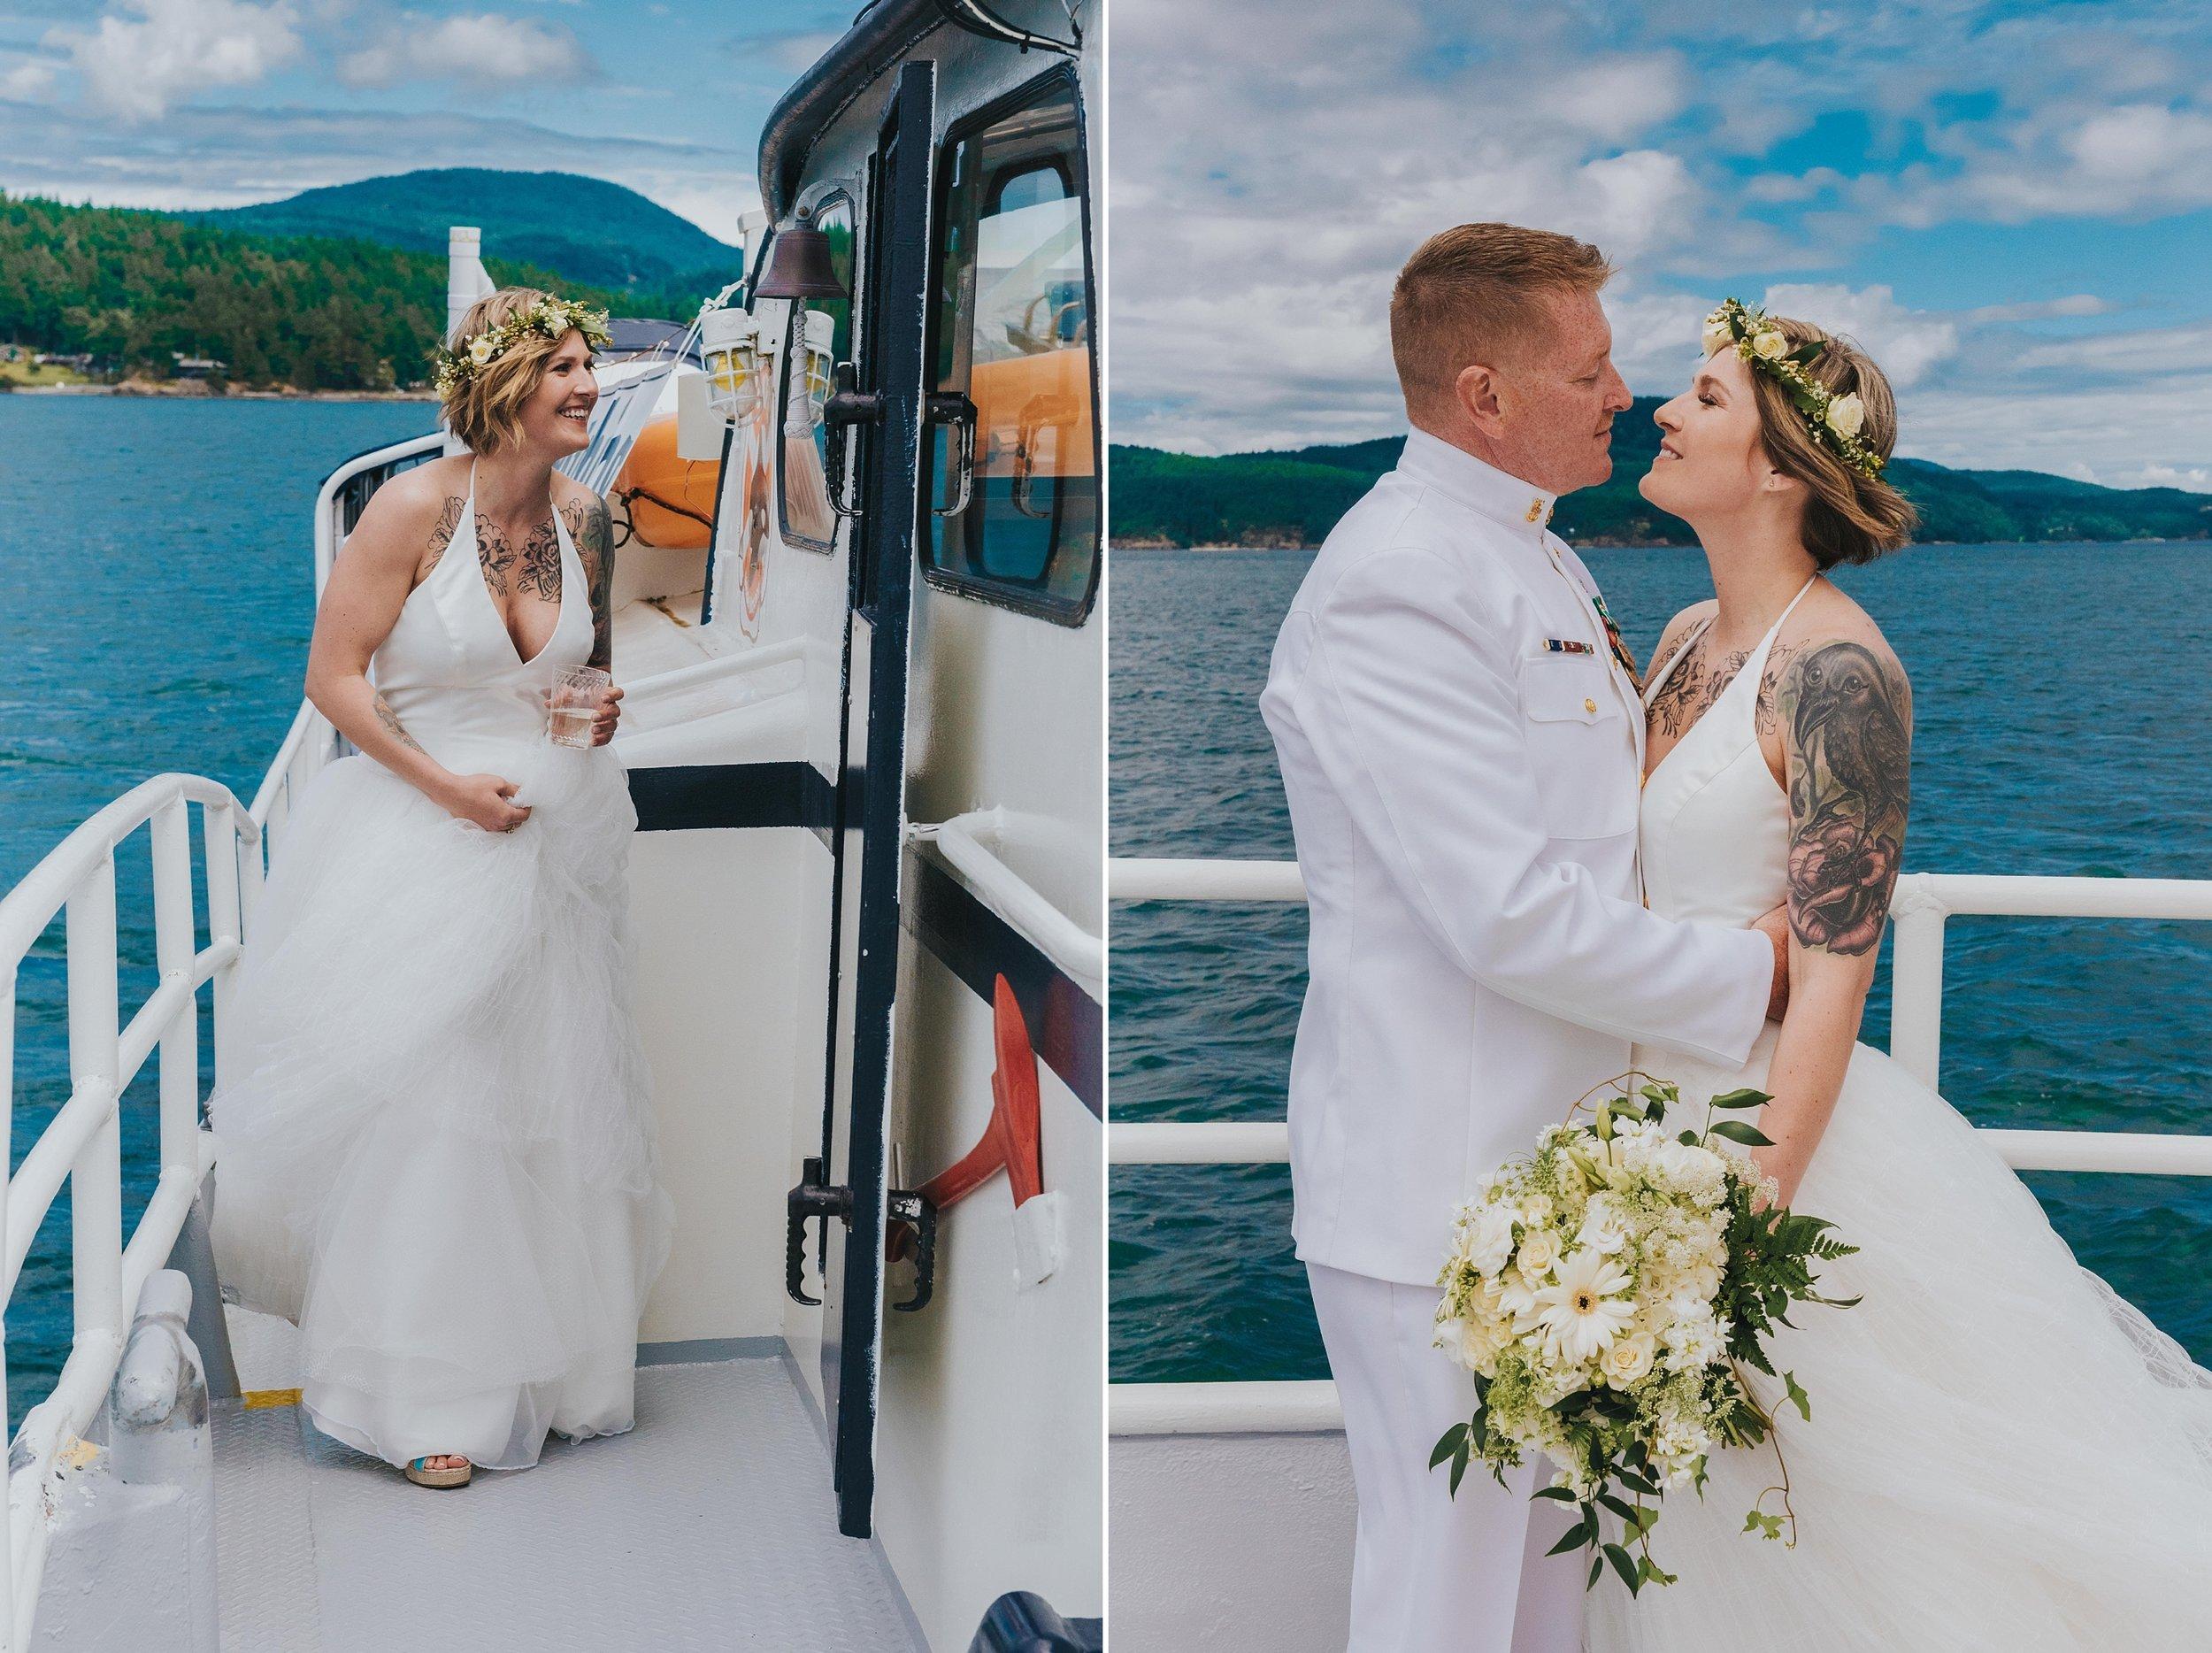 Orcas-Island-Wedding-photographer-J HODGES PHOTOGRAPHY_0195.jpg